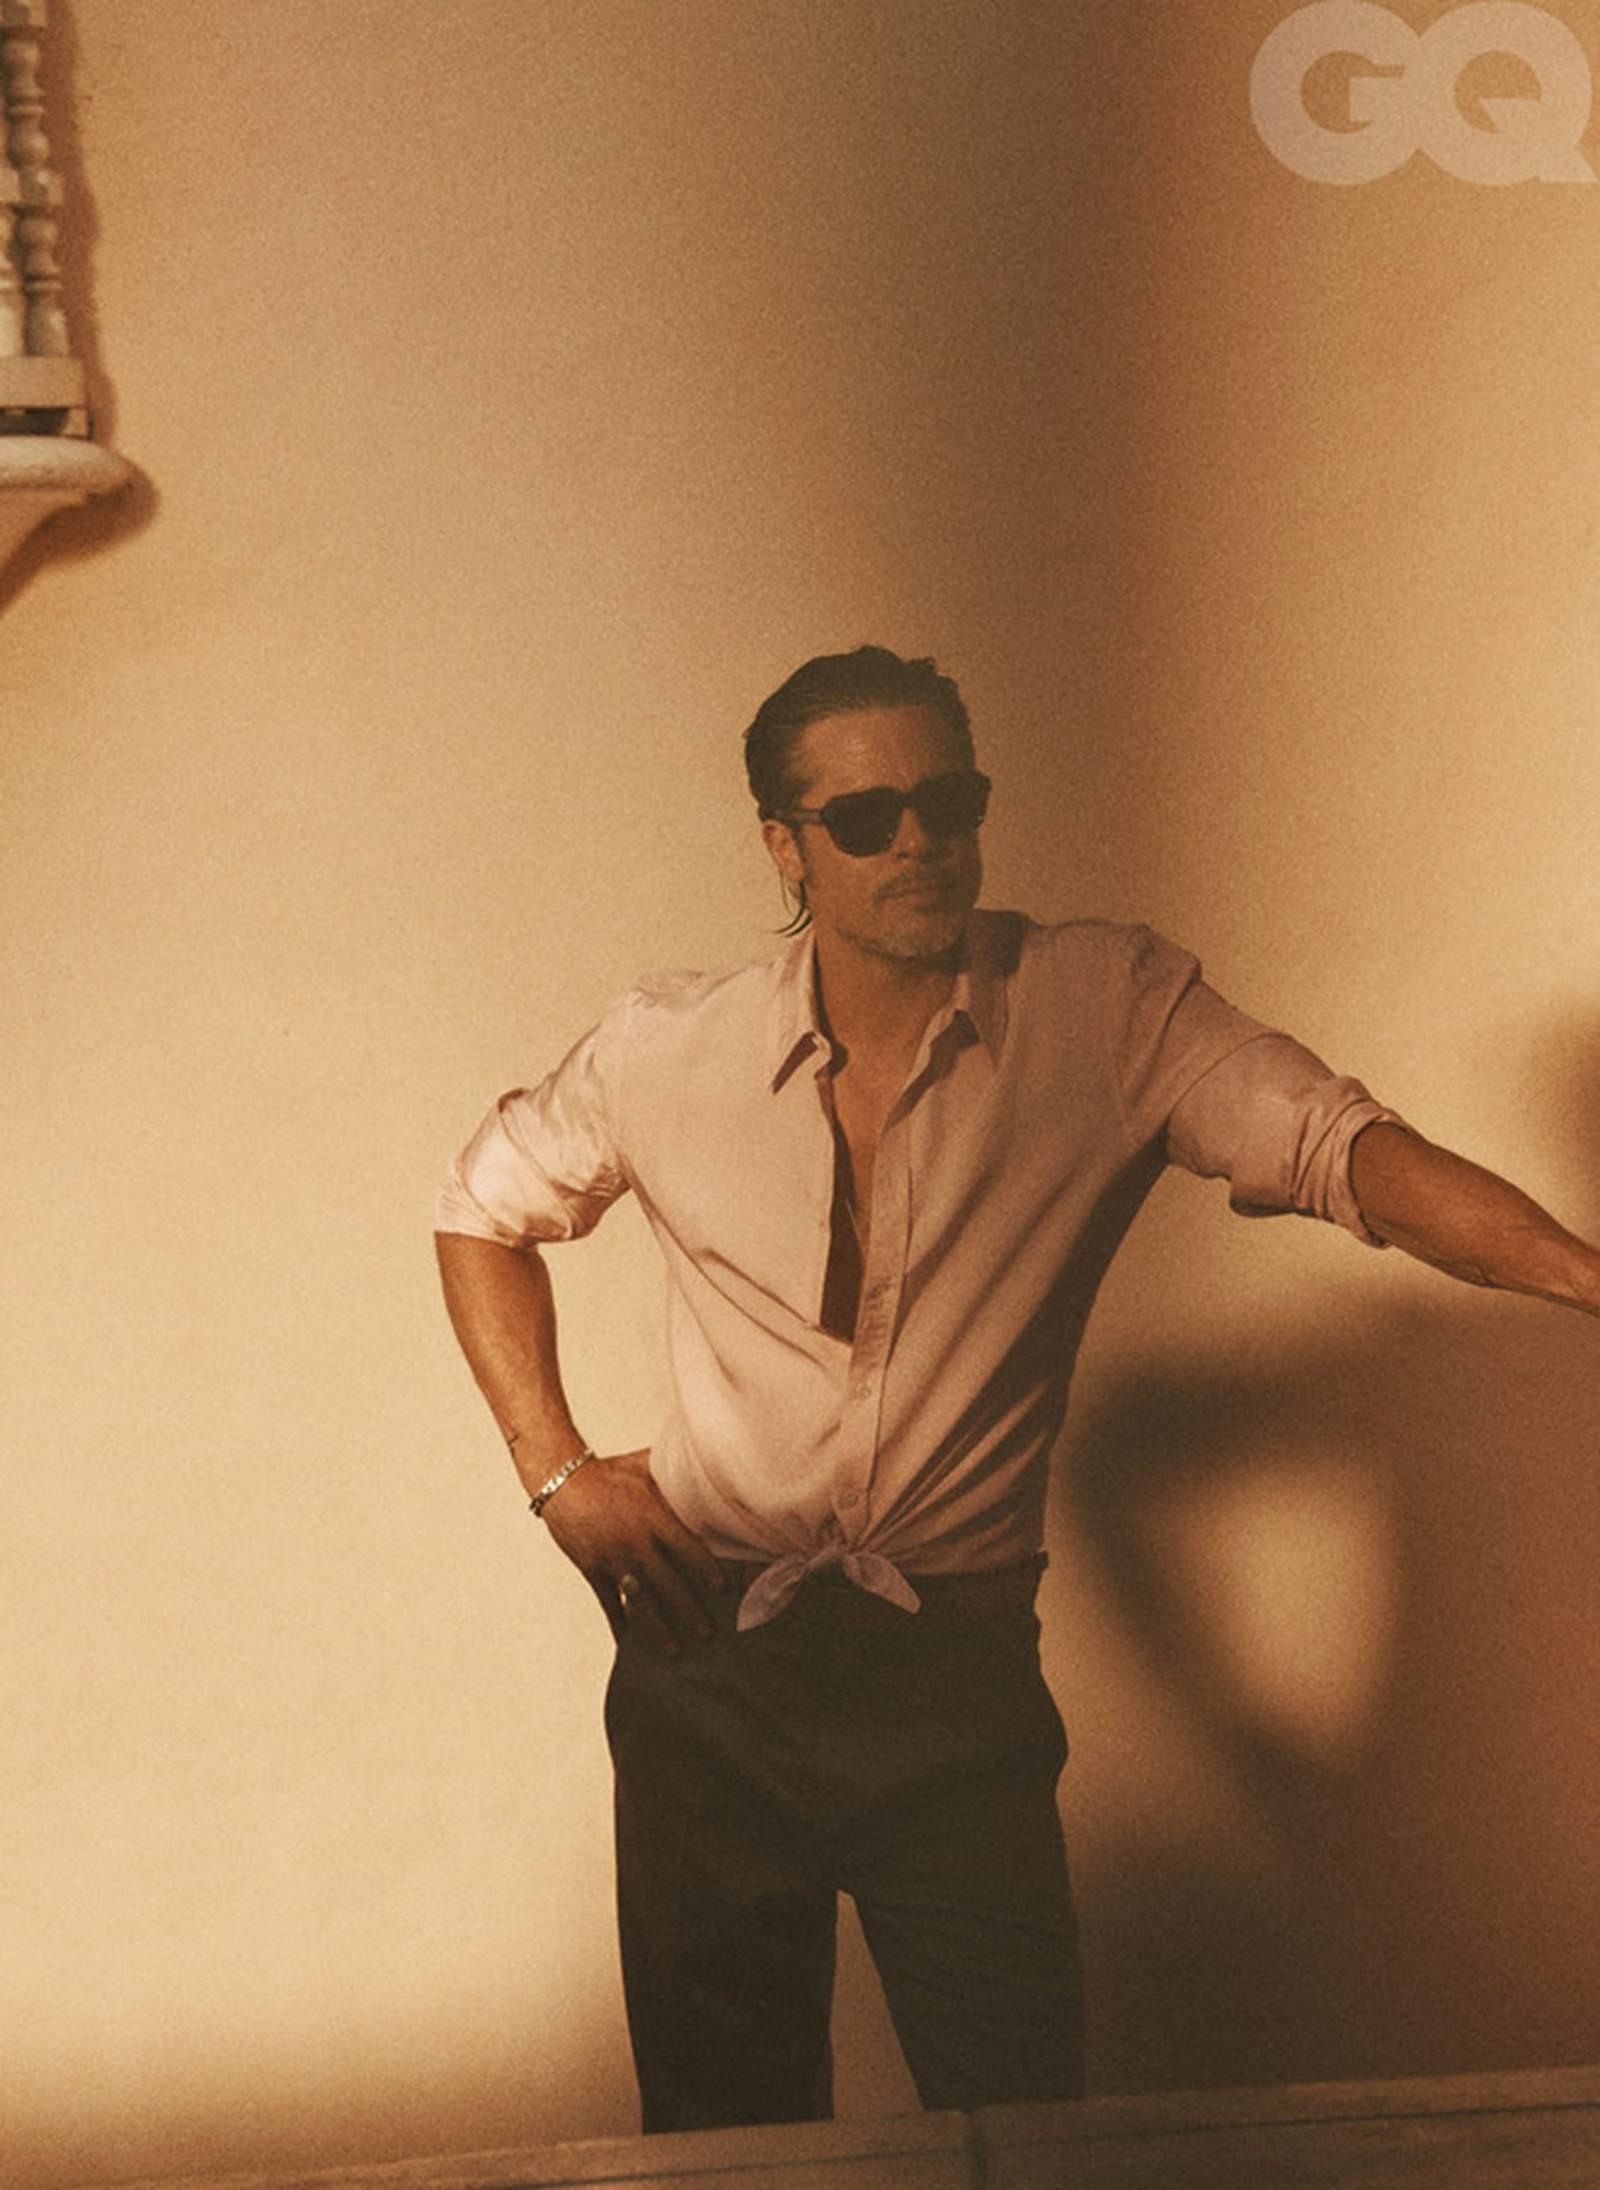 Vẻ phong trần của tài tử Brad Pitt ở tuổi 56-10